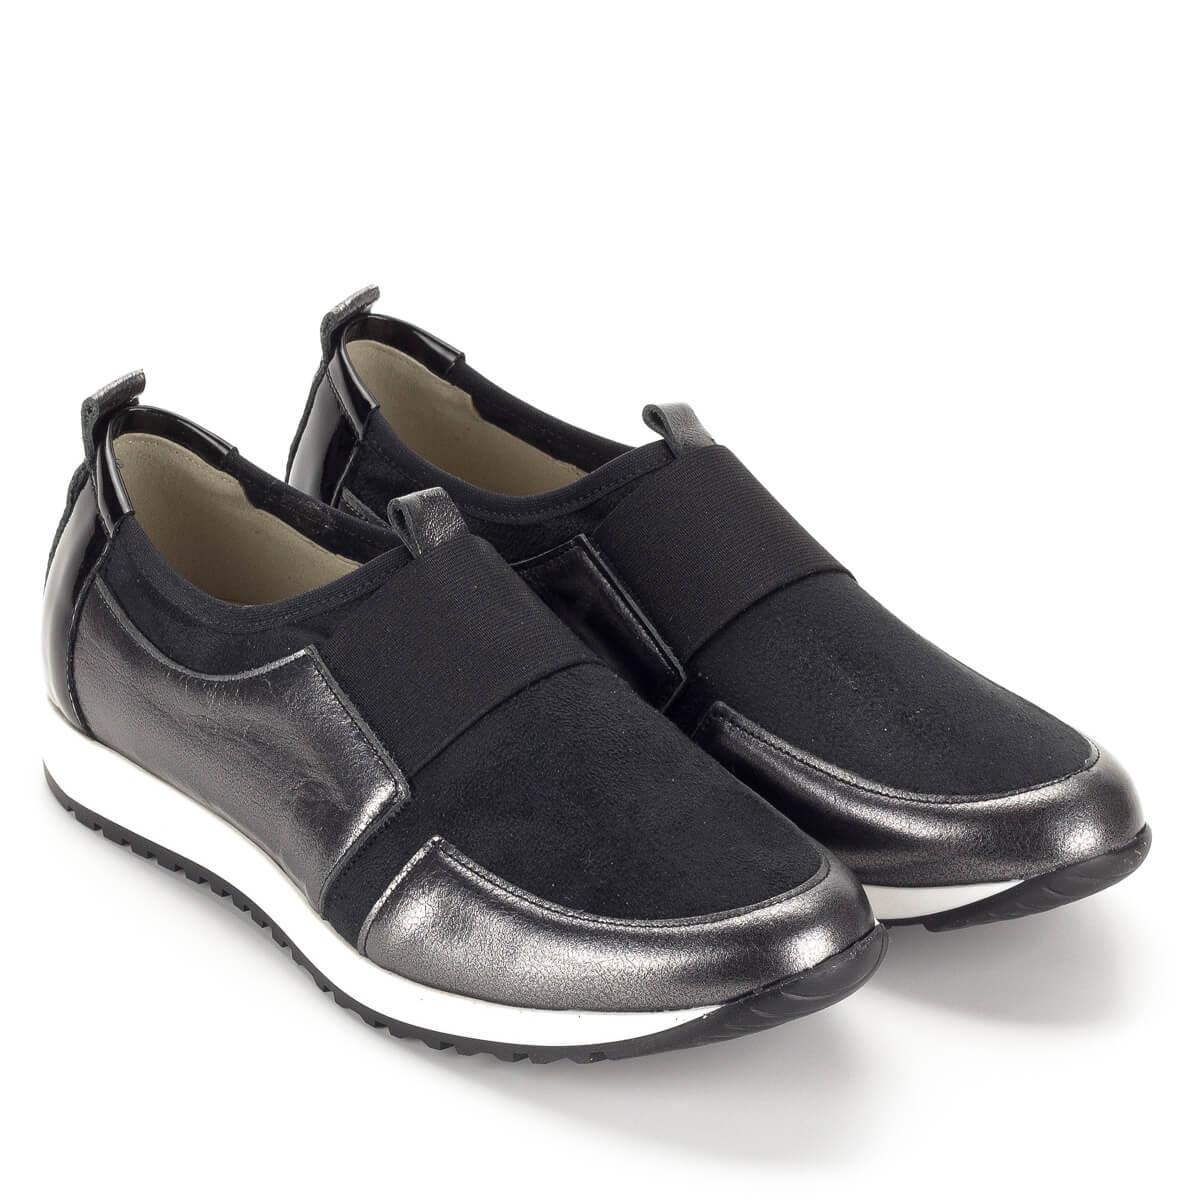 ac52d4b705 ChiX Női cipő webáruház - Női cipők, online rendelés - Tamaris webshop